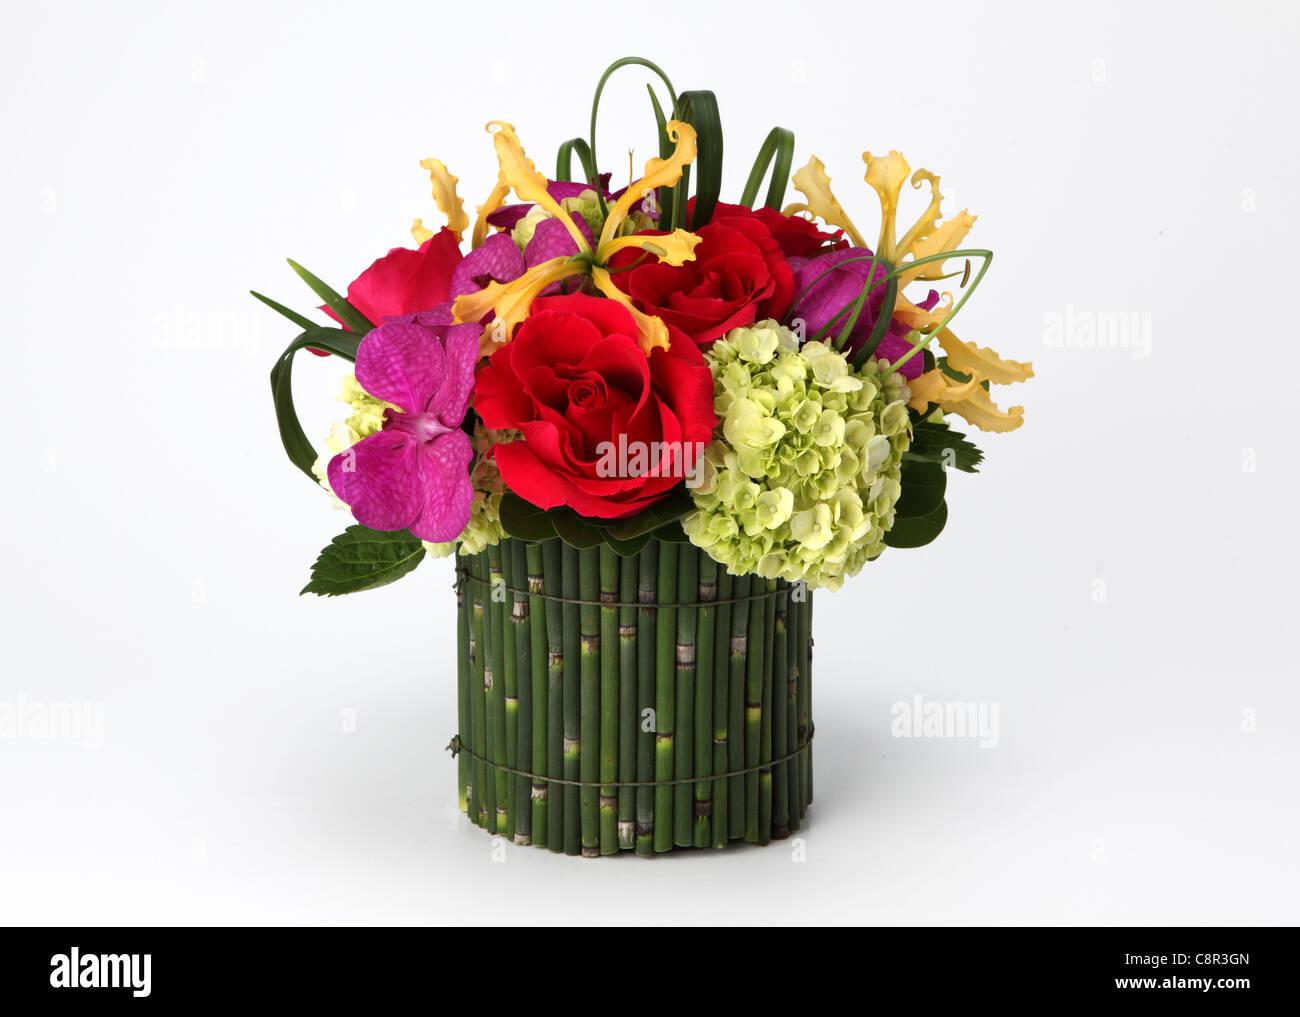 einen bunten blumenstrau in einer vase rote rosen creme hortensie gelbe orchidee laelia. Black Bedroom Furniture Sets. Home Design Ideas